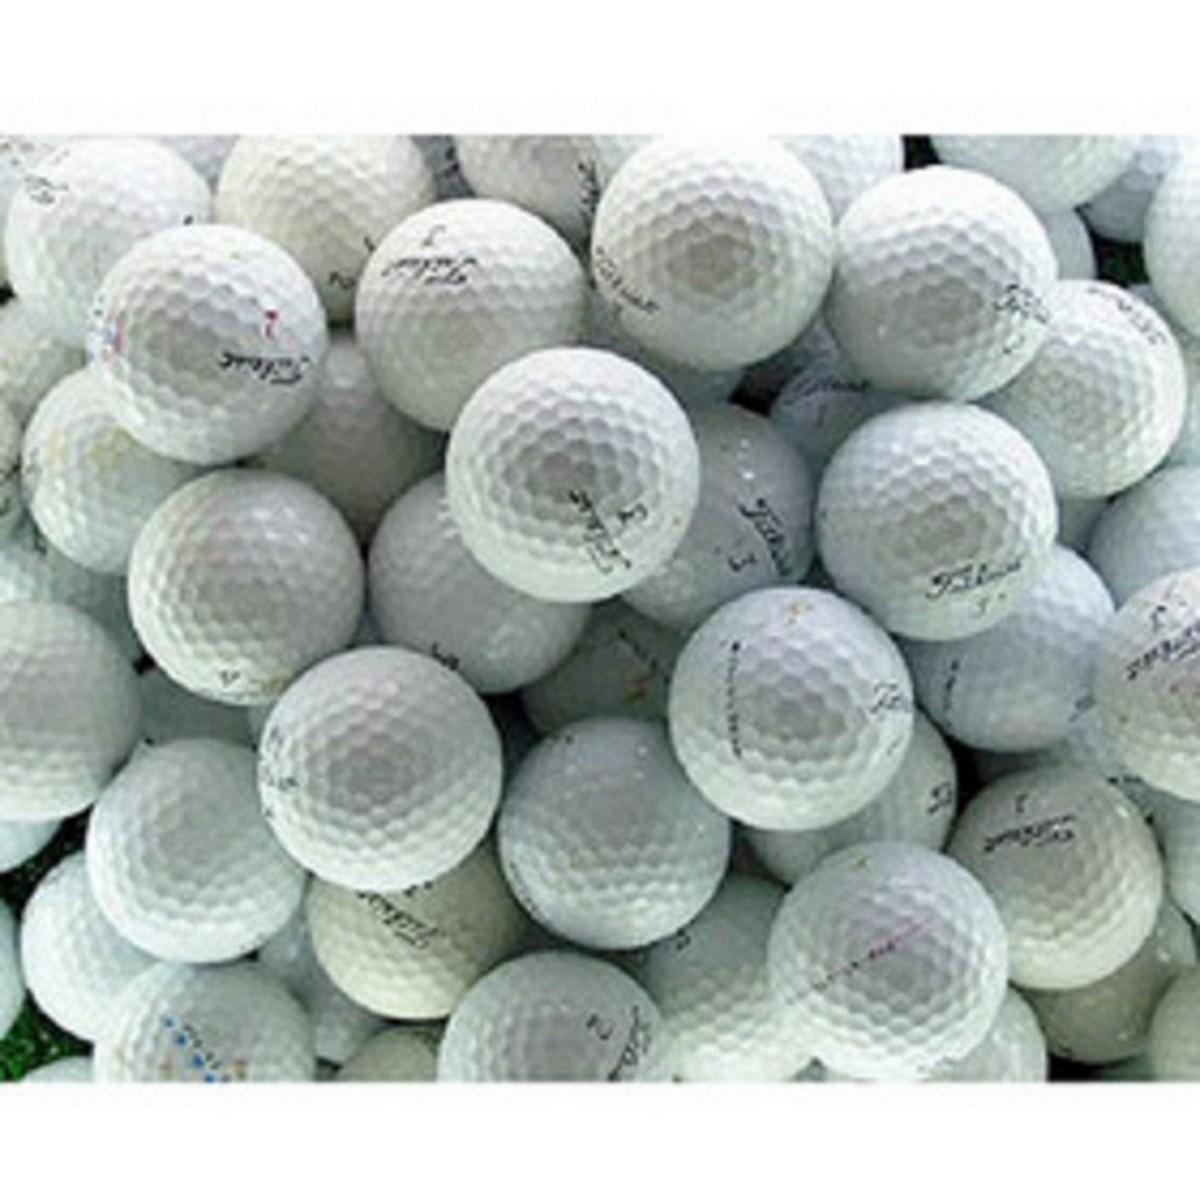 ロストボール メイホウゴルフ ロストボール プロV1練習用ボール150個セット